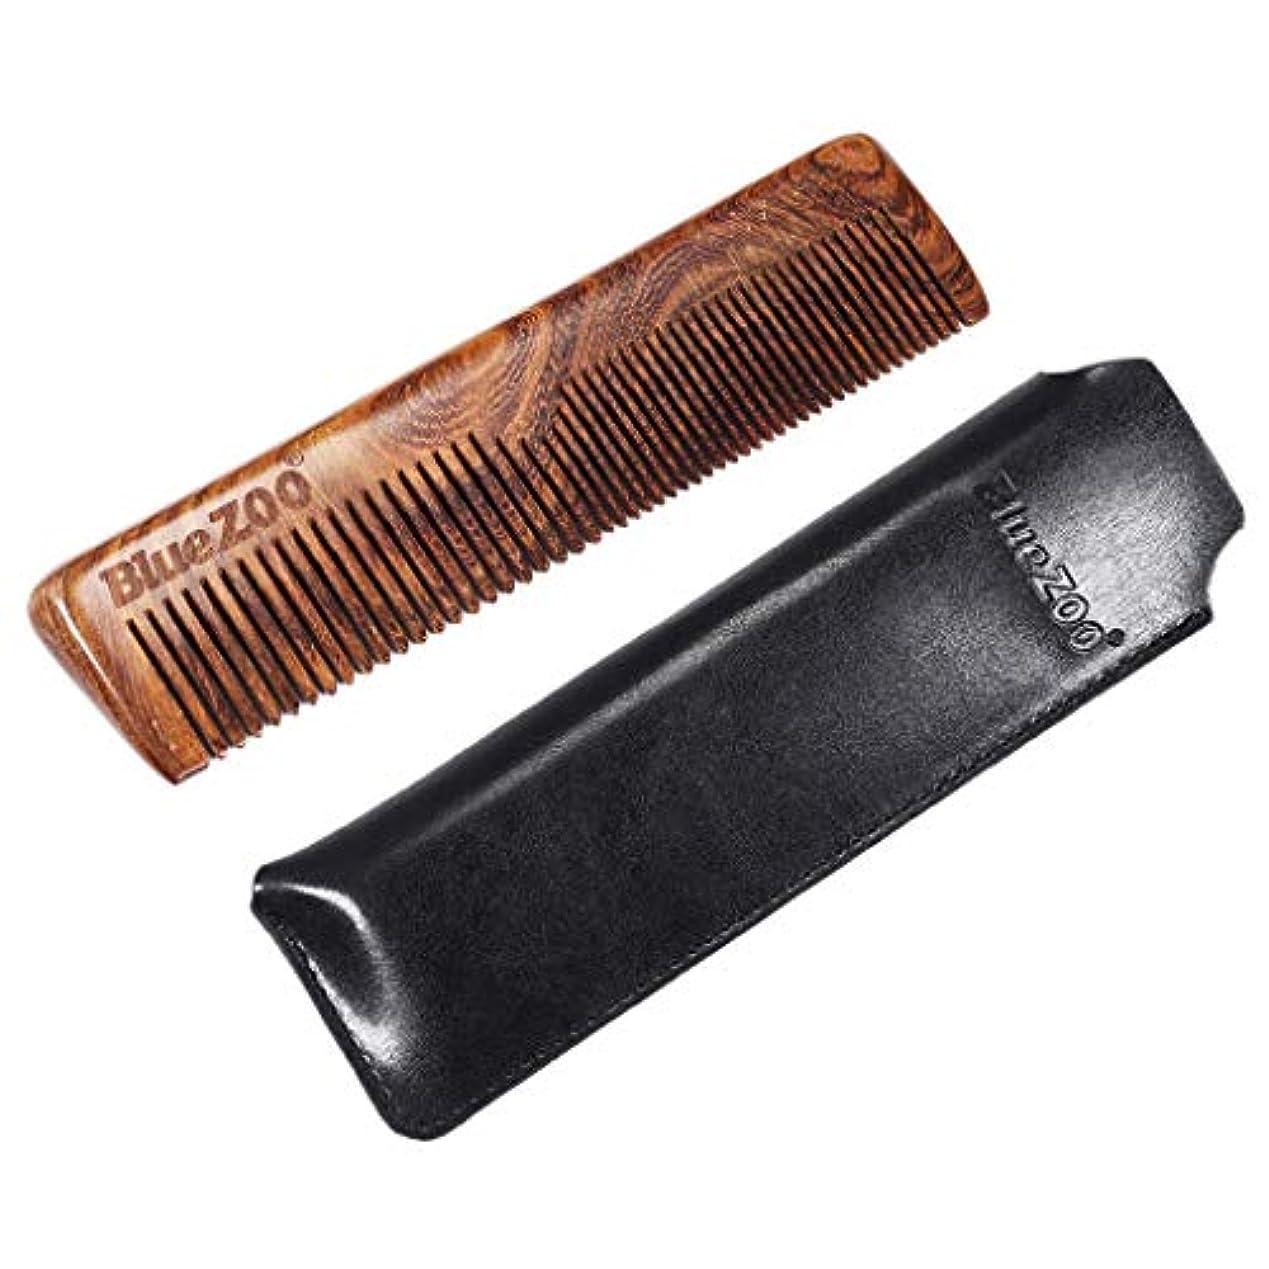 精緻化影響する有益ウッドコーム 静電気防止櫛 ひげ櫛 ヘアブラシ 収納バッグ 2色選べ - ブラック